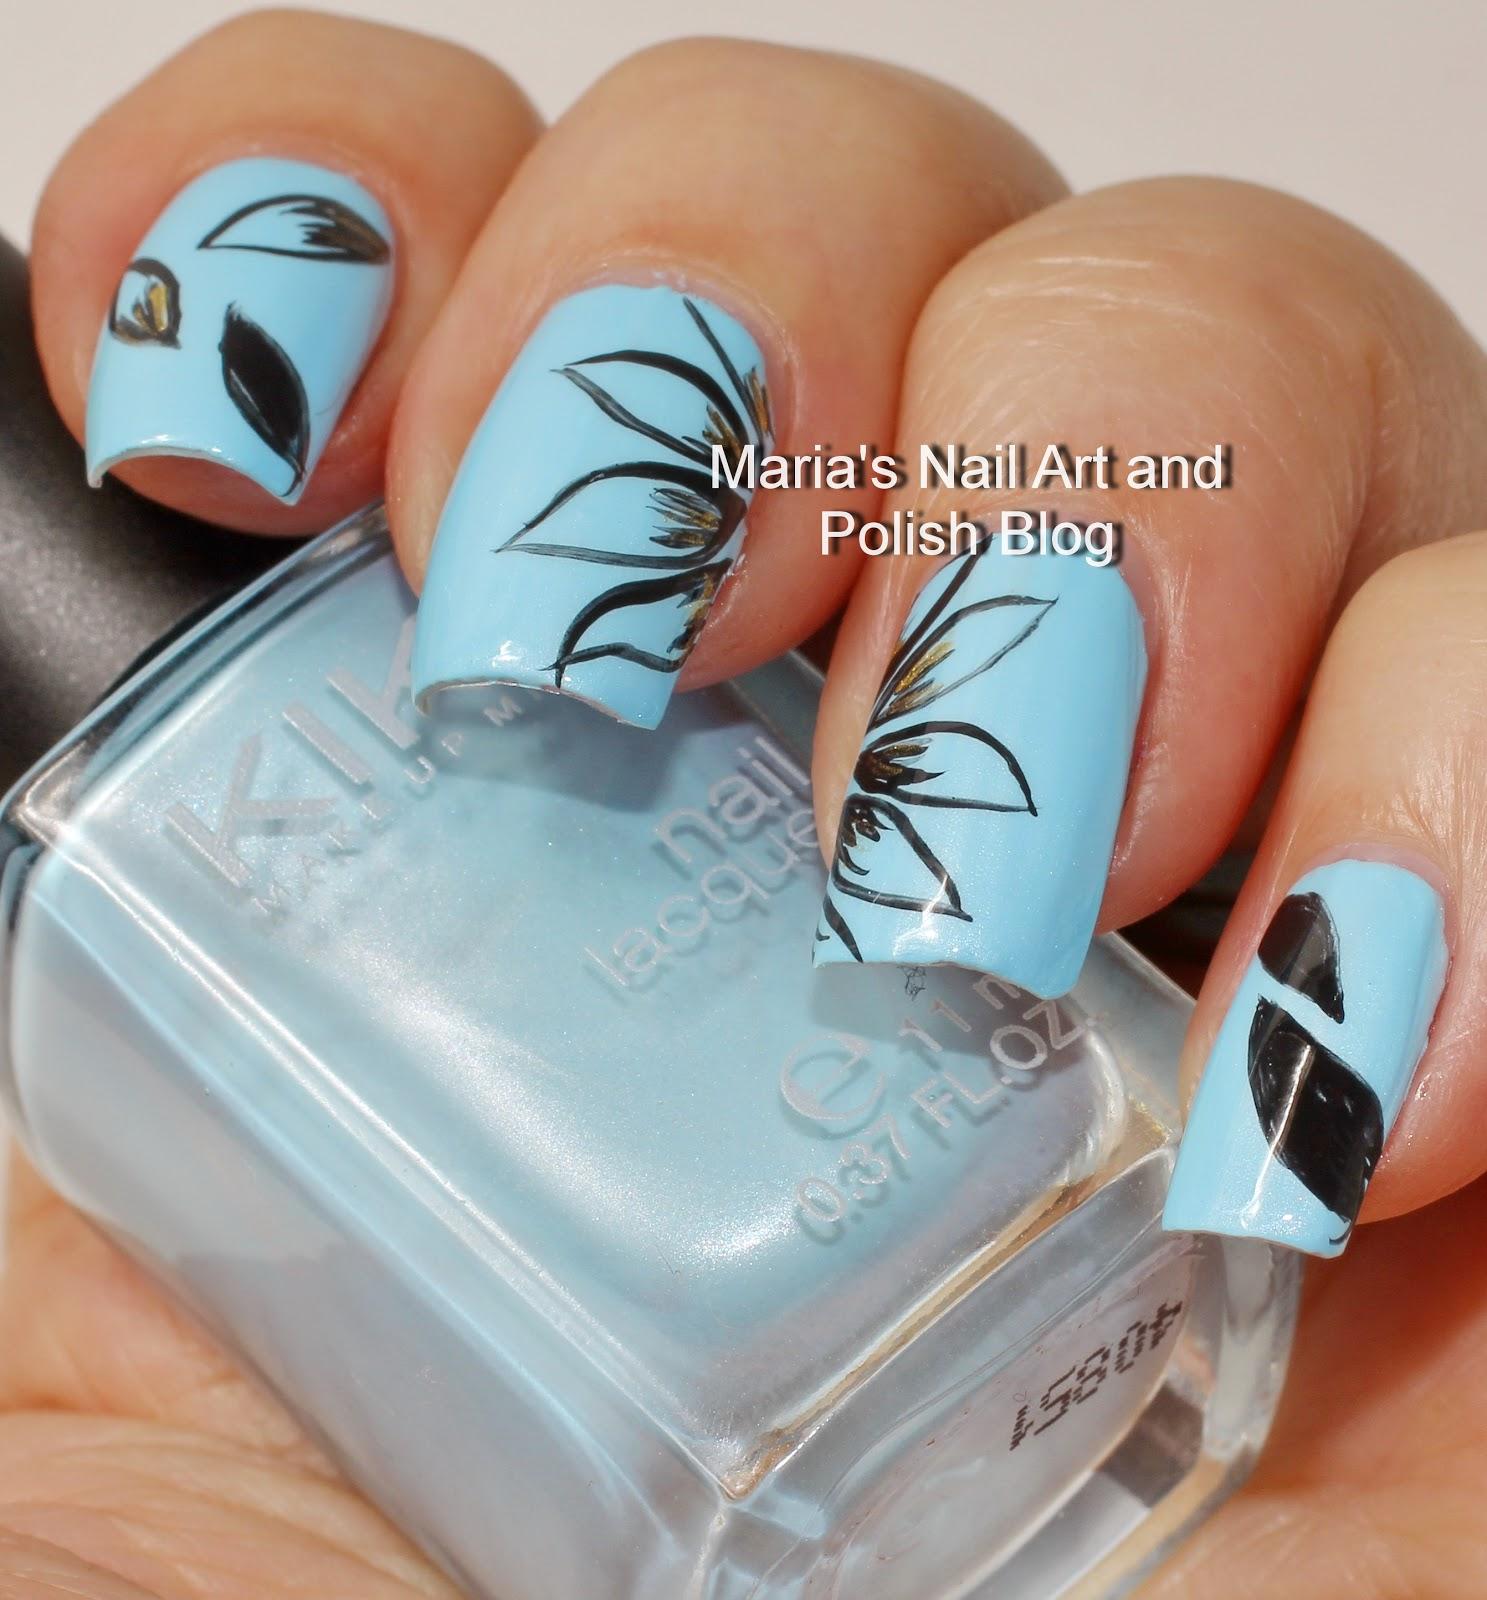 Marias Nail Art and Polish Blog: Abstract floral petal nail art